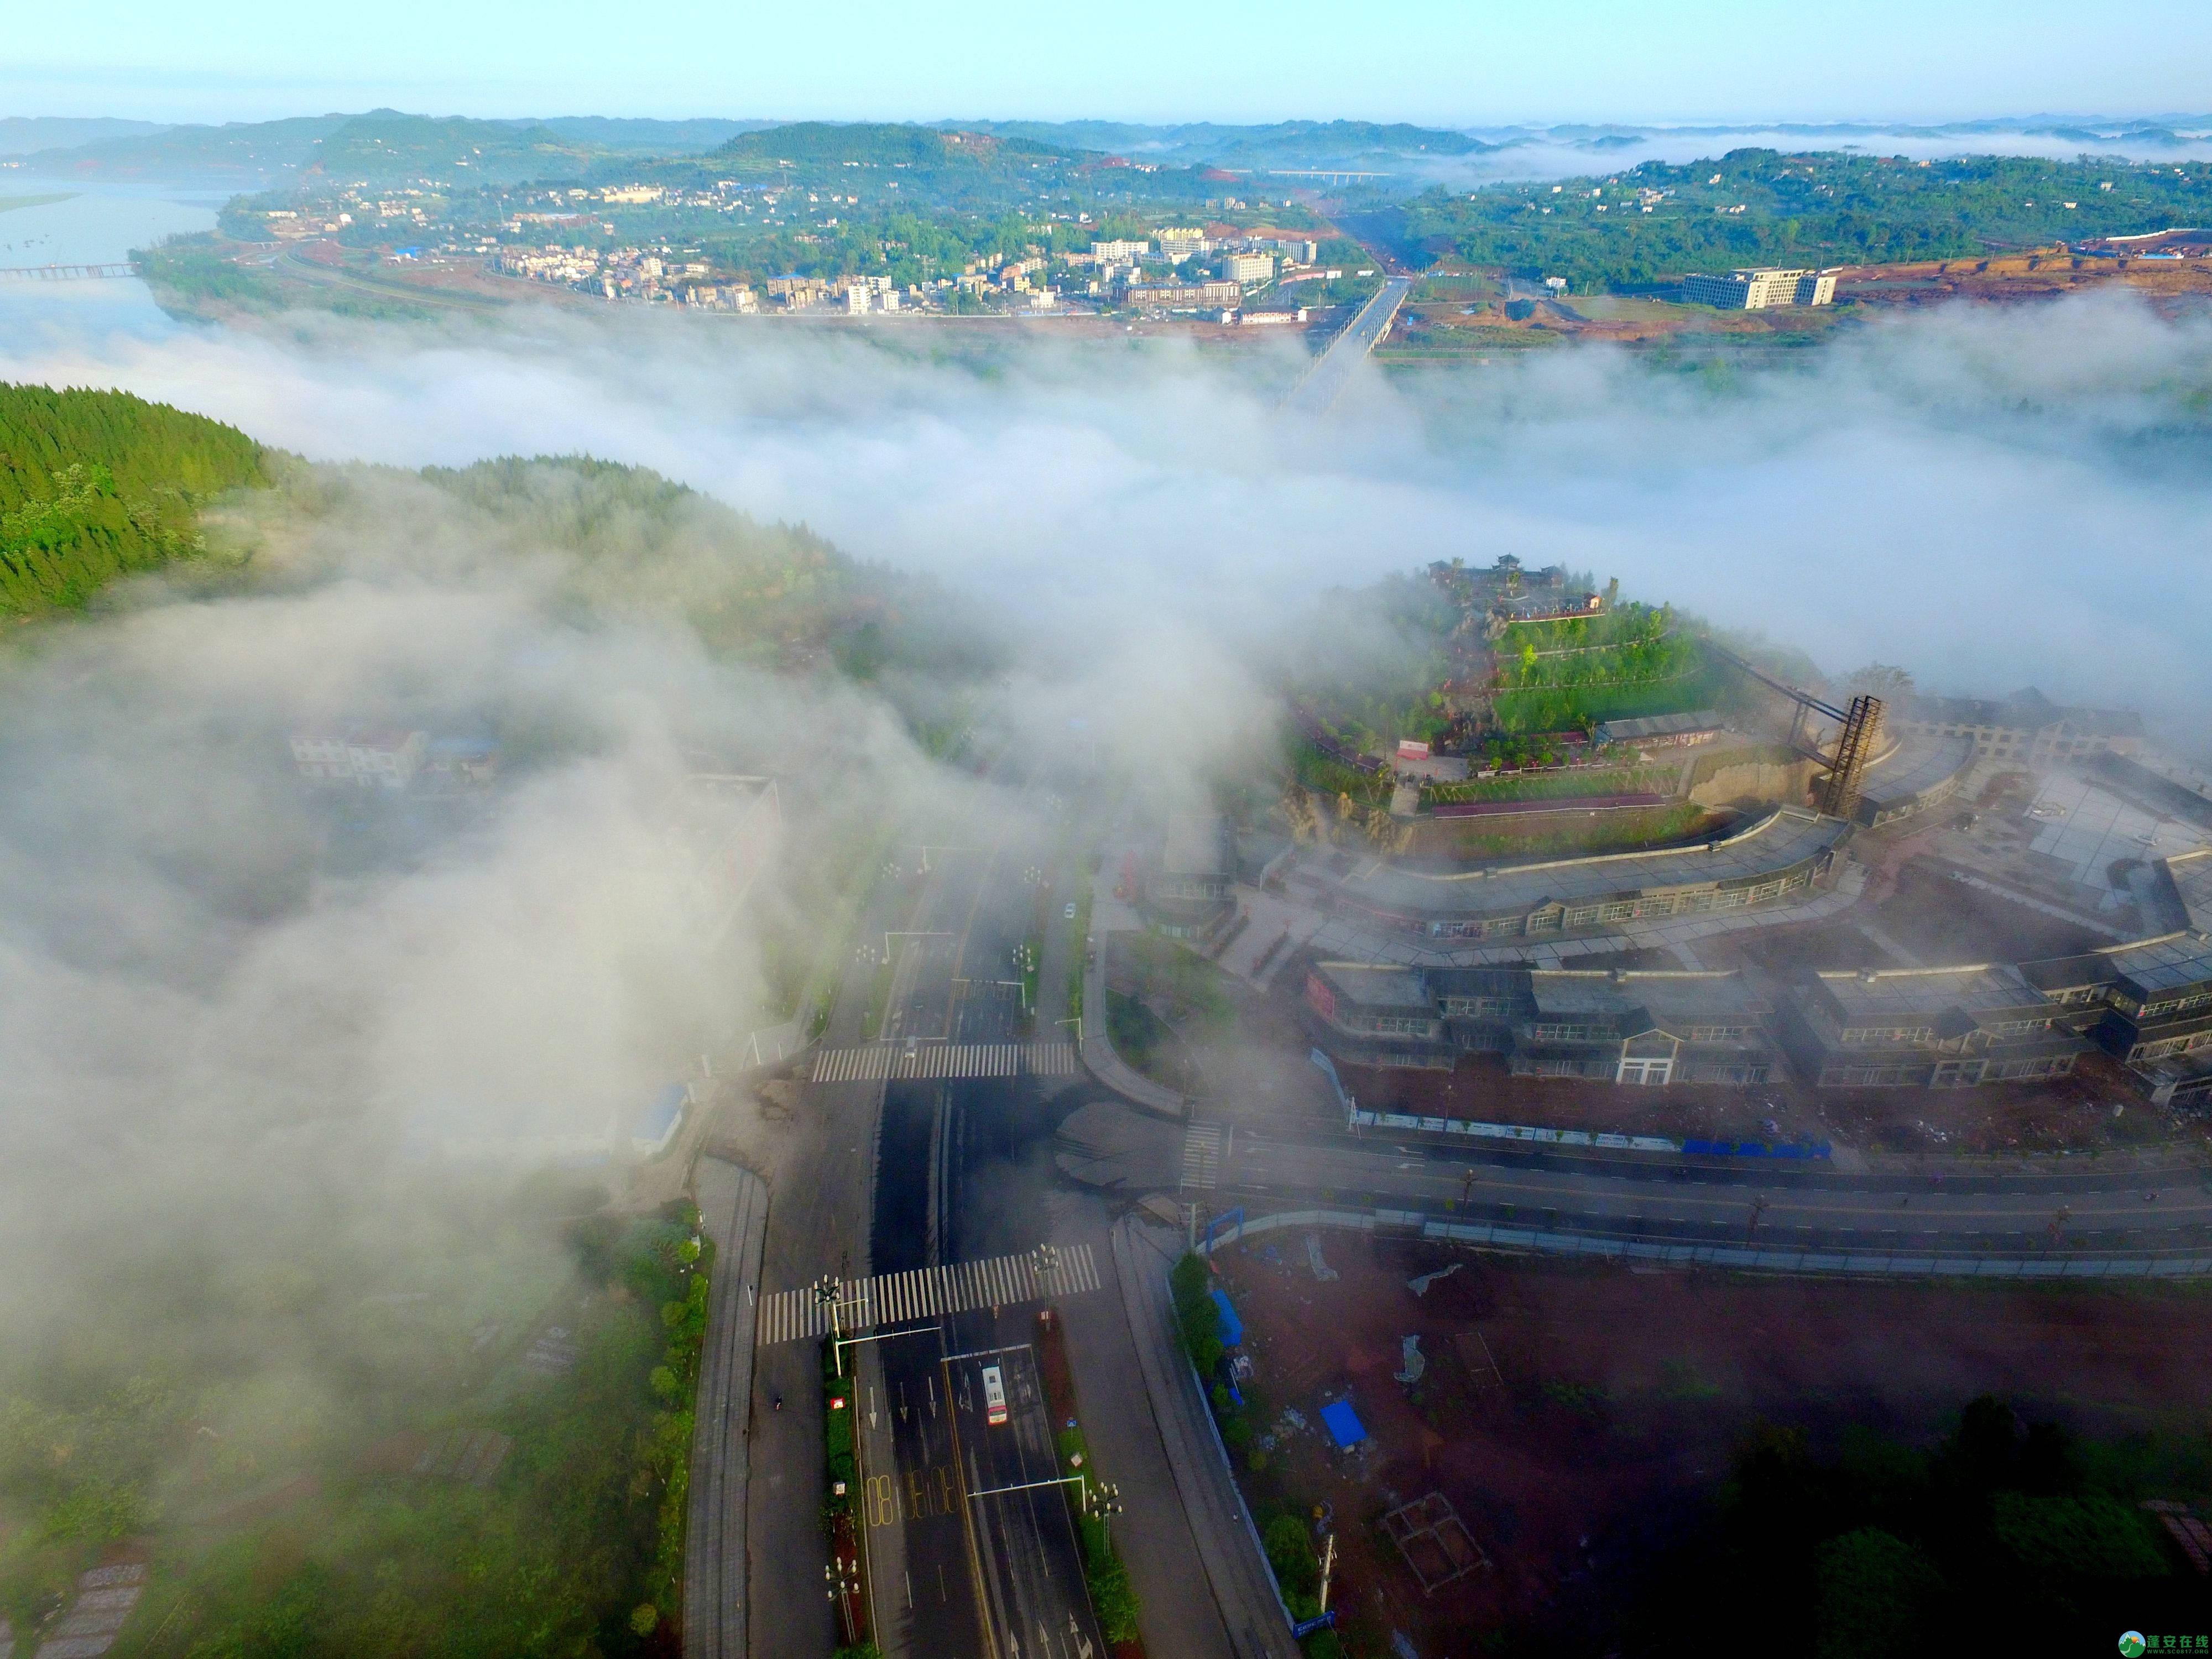 雾境蓬安 - 第19张  | 蓬安在线